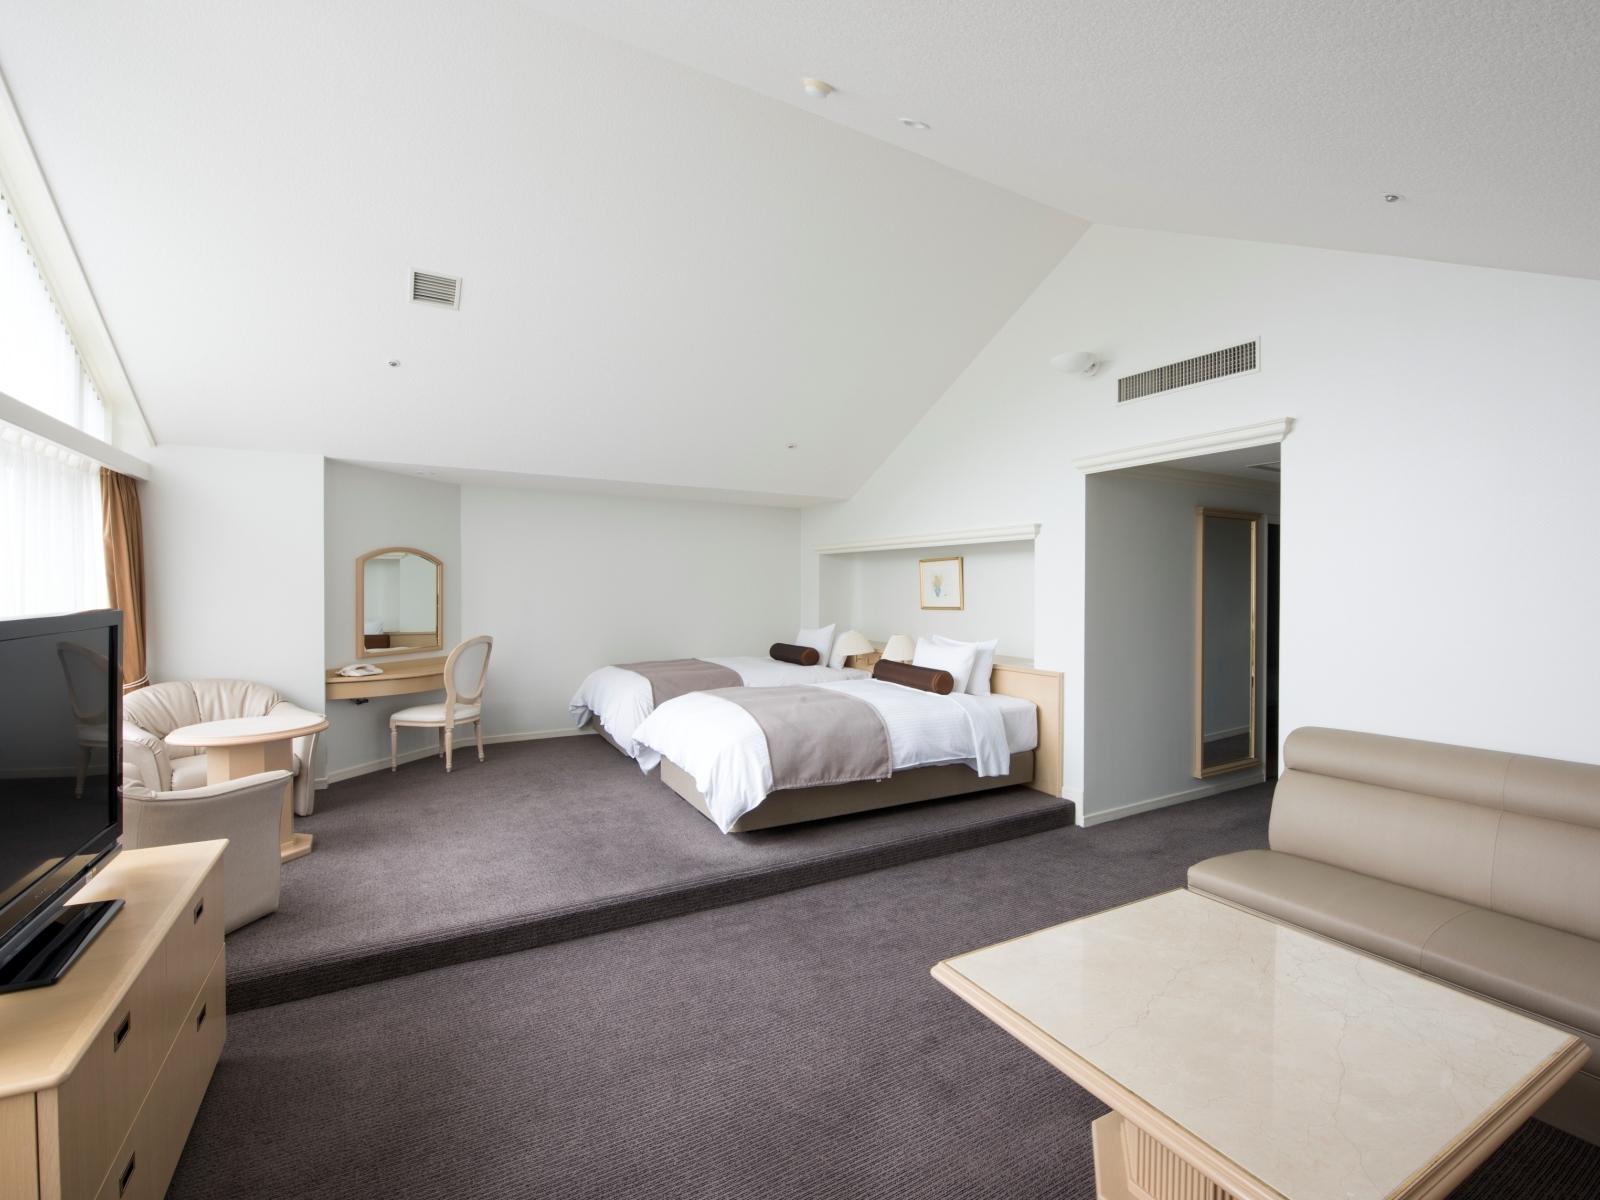 ルスツリゾートホテル&コンベンション / ジュニアスイート洋室2-4名◆禁煙/66㎡◆ツイン×ツイン【DP】